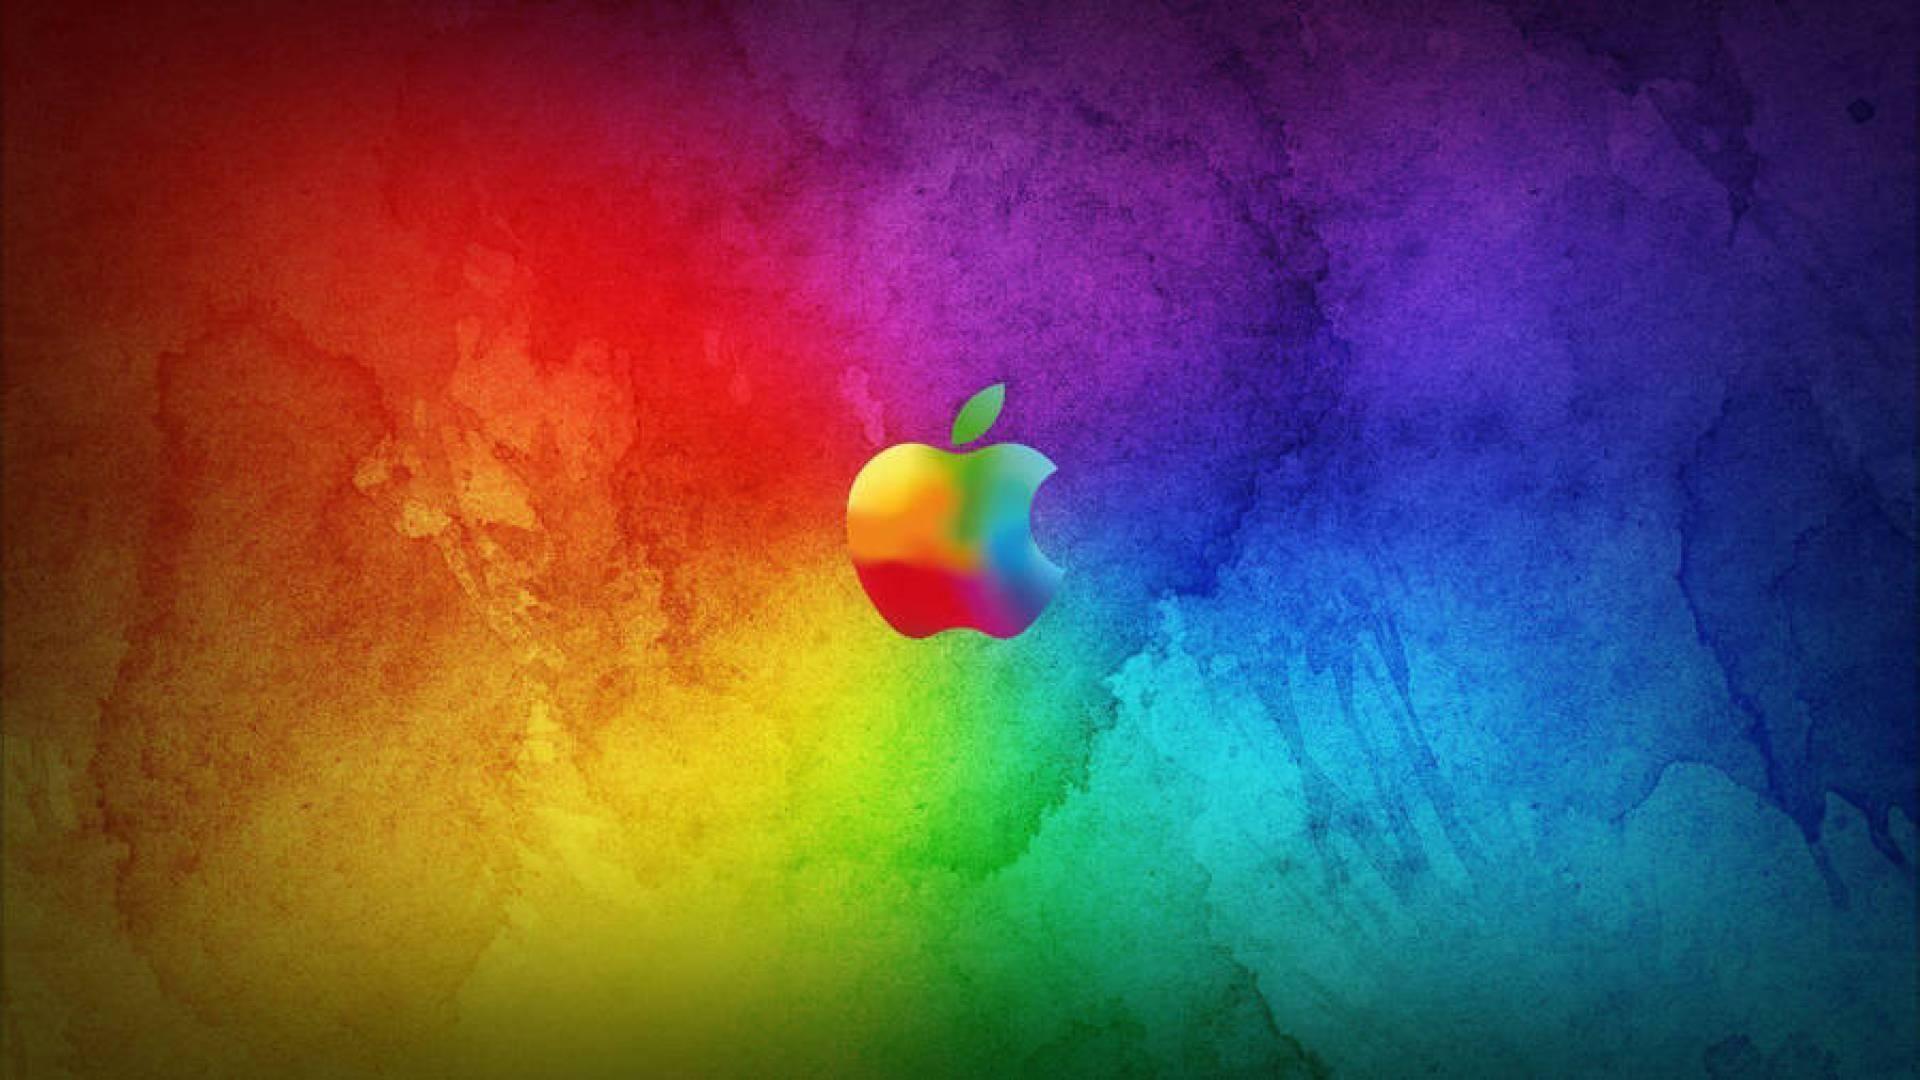 colorful apple mac - wallpaper #35954